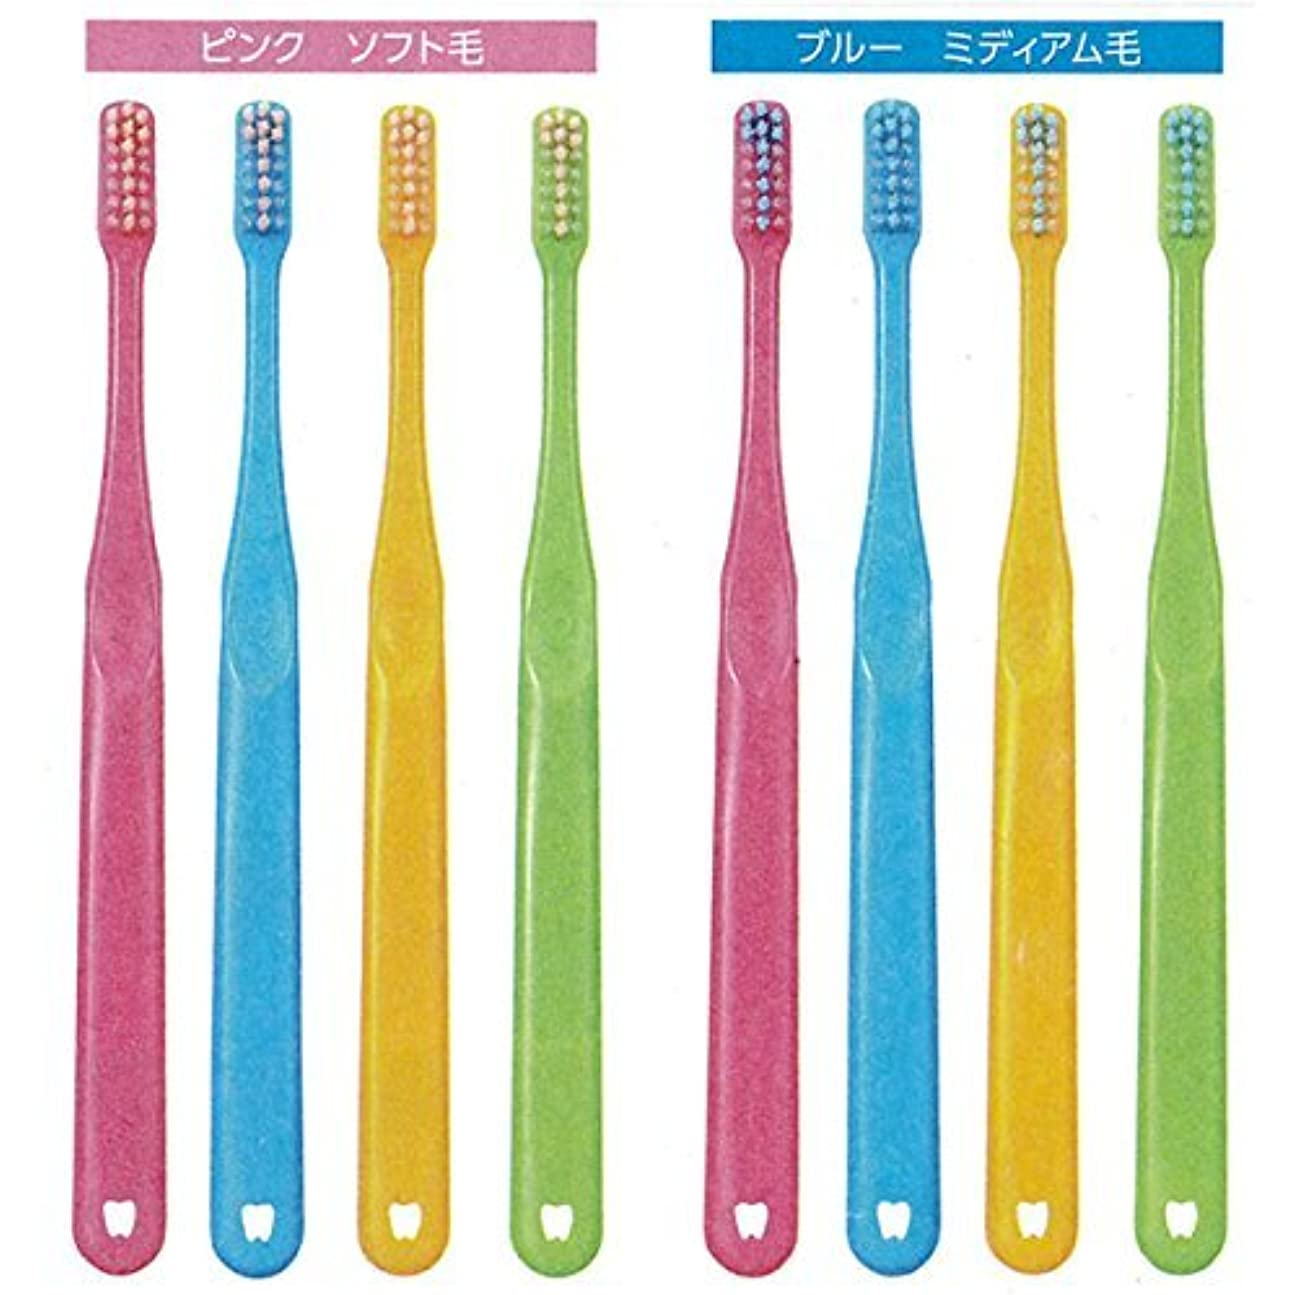 手書き鮮やかなライセンスシーアイ プロプラス 5本セット 歯科医院専用商品 ci PROPLUS +プロプラス 大人用 一般 M(ふつう)